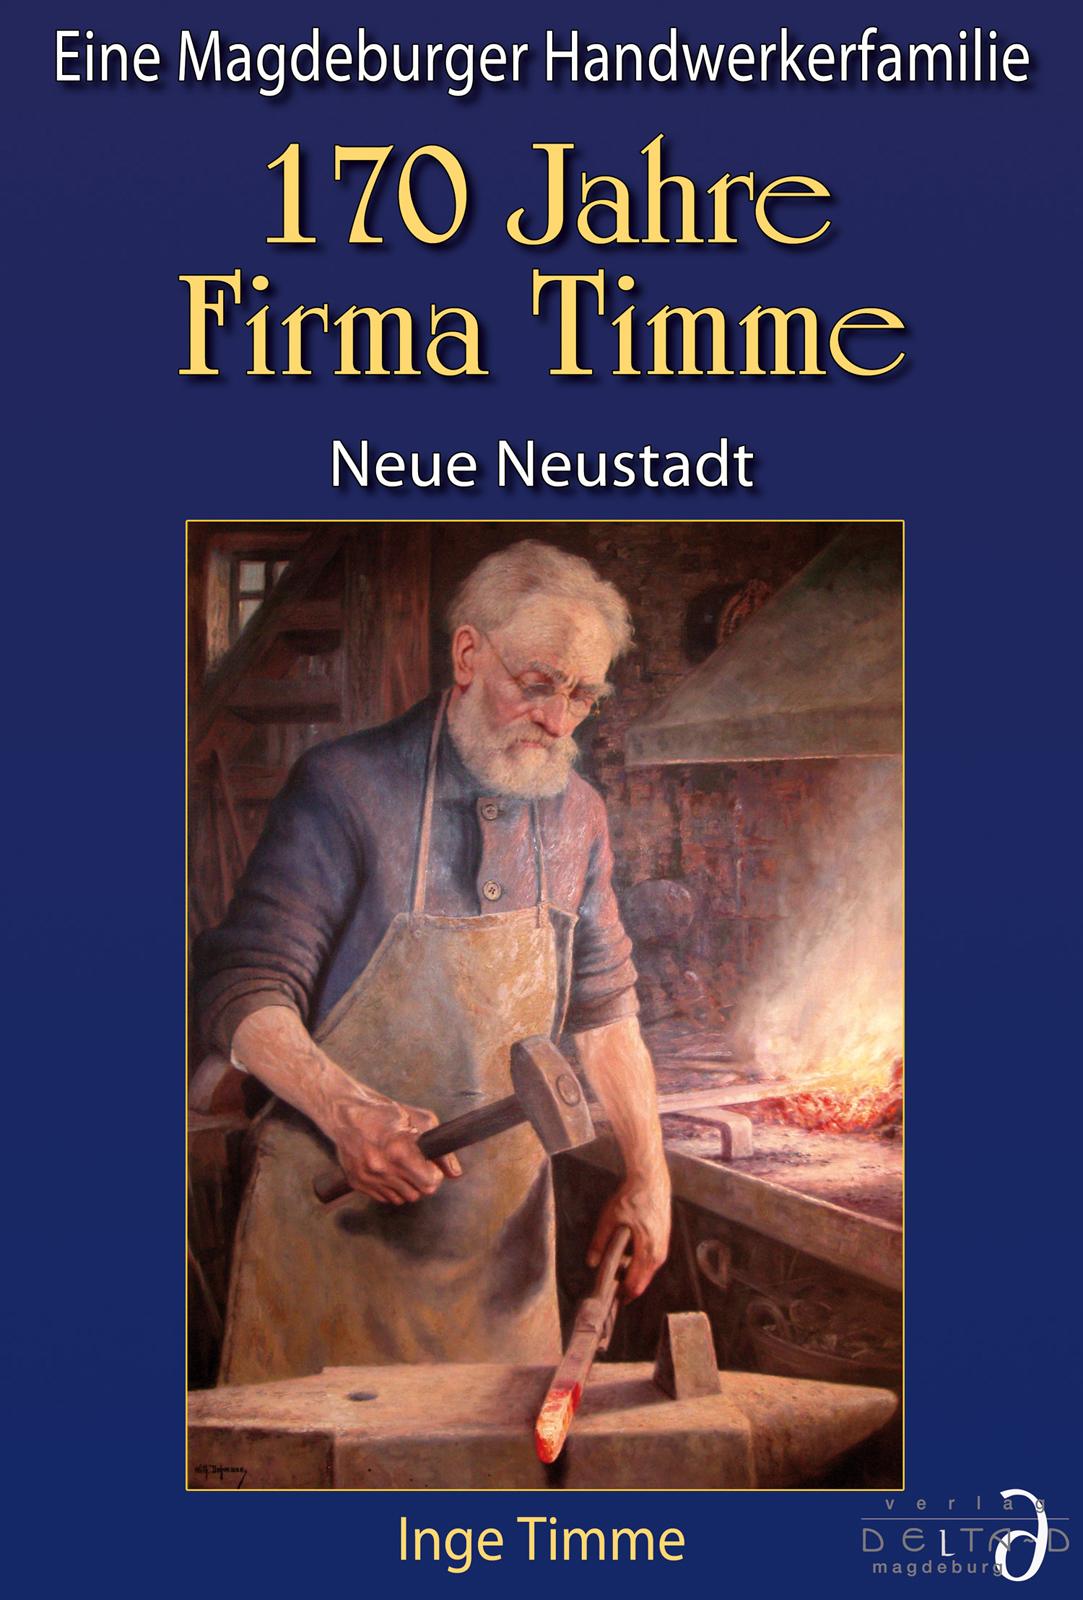 """""""170 Jahre Firma Timme -  Neue Neustadt -  Eine Magdeburger Handwerkerfamilie"""""""